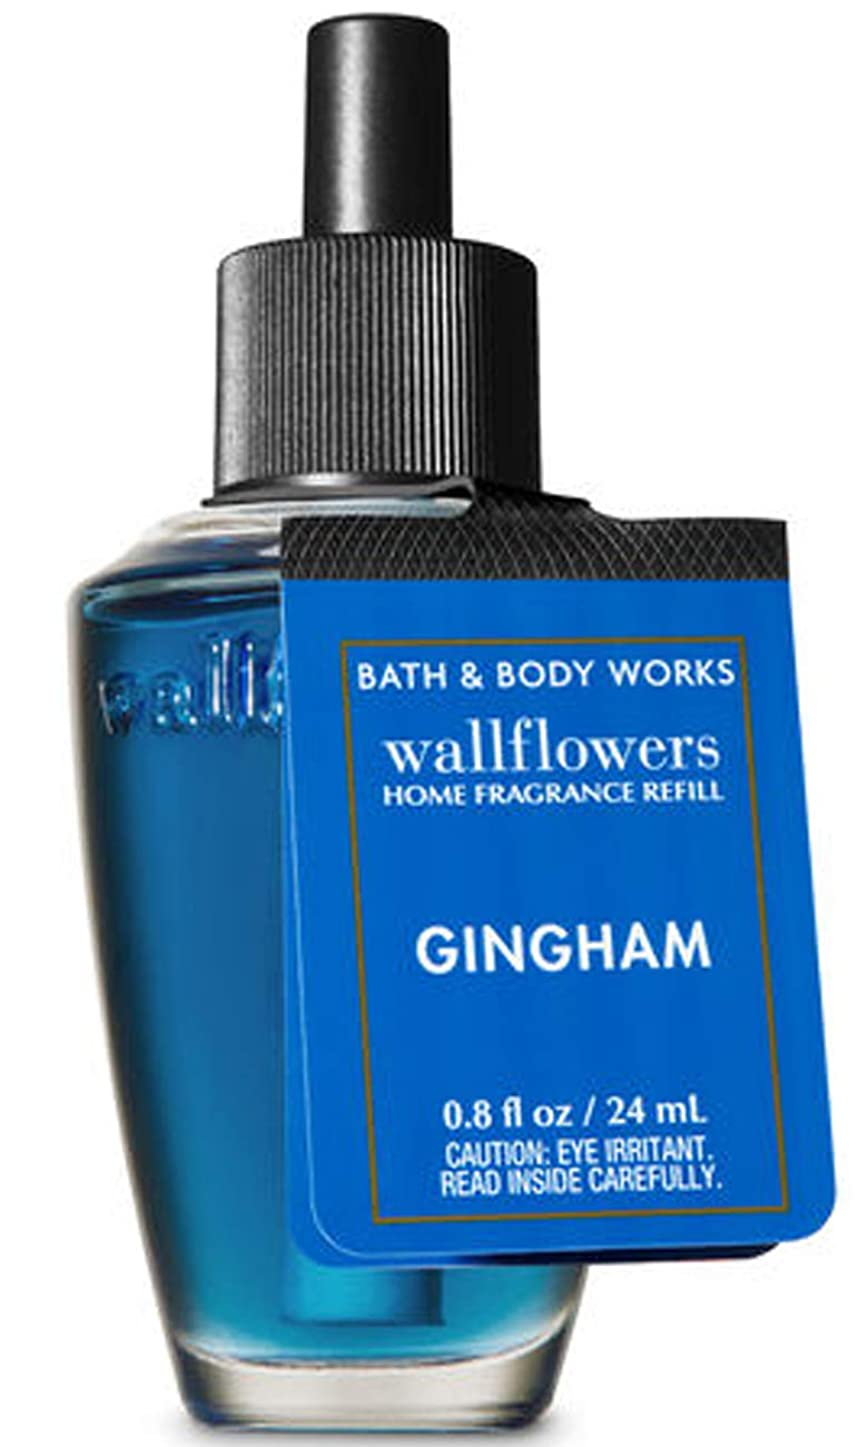 高齢者サンダートンネルバス&ボディワークス ギンガム ルームフレグランス リフィル 芳香剤 24ml (本体別売り) Bath & Body Works